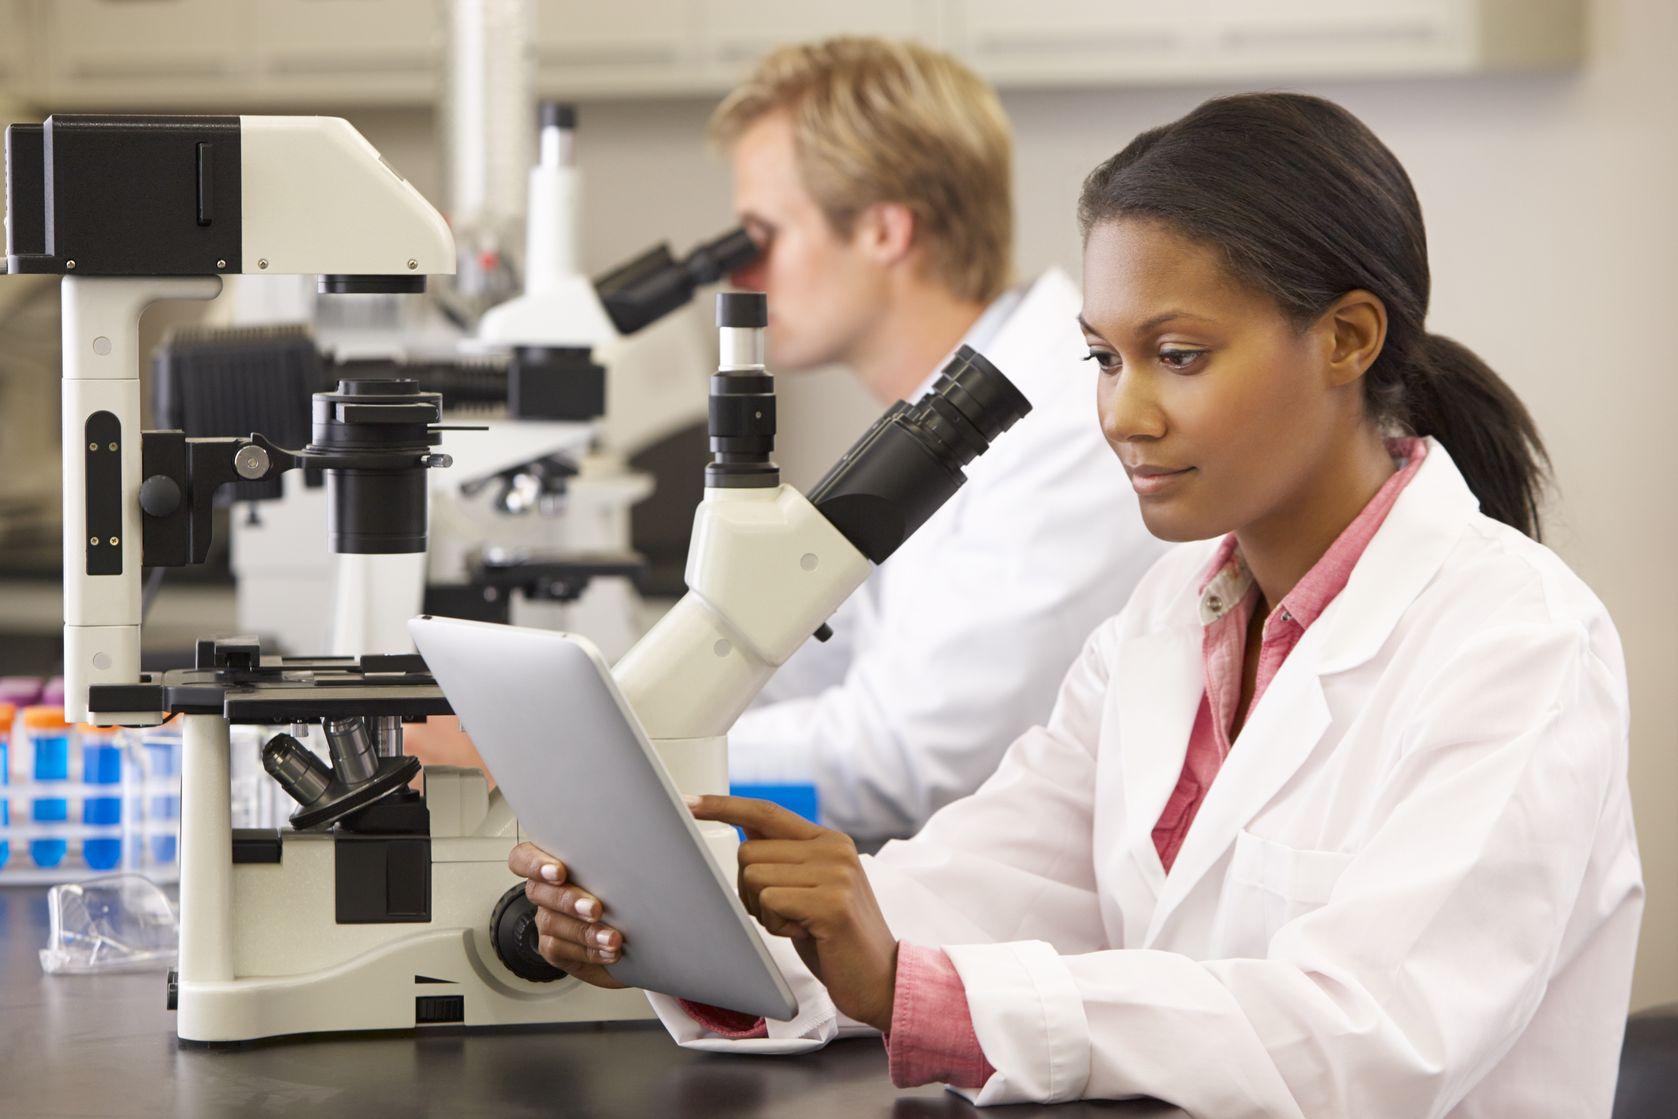 woman-researcher